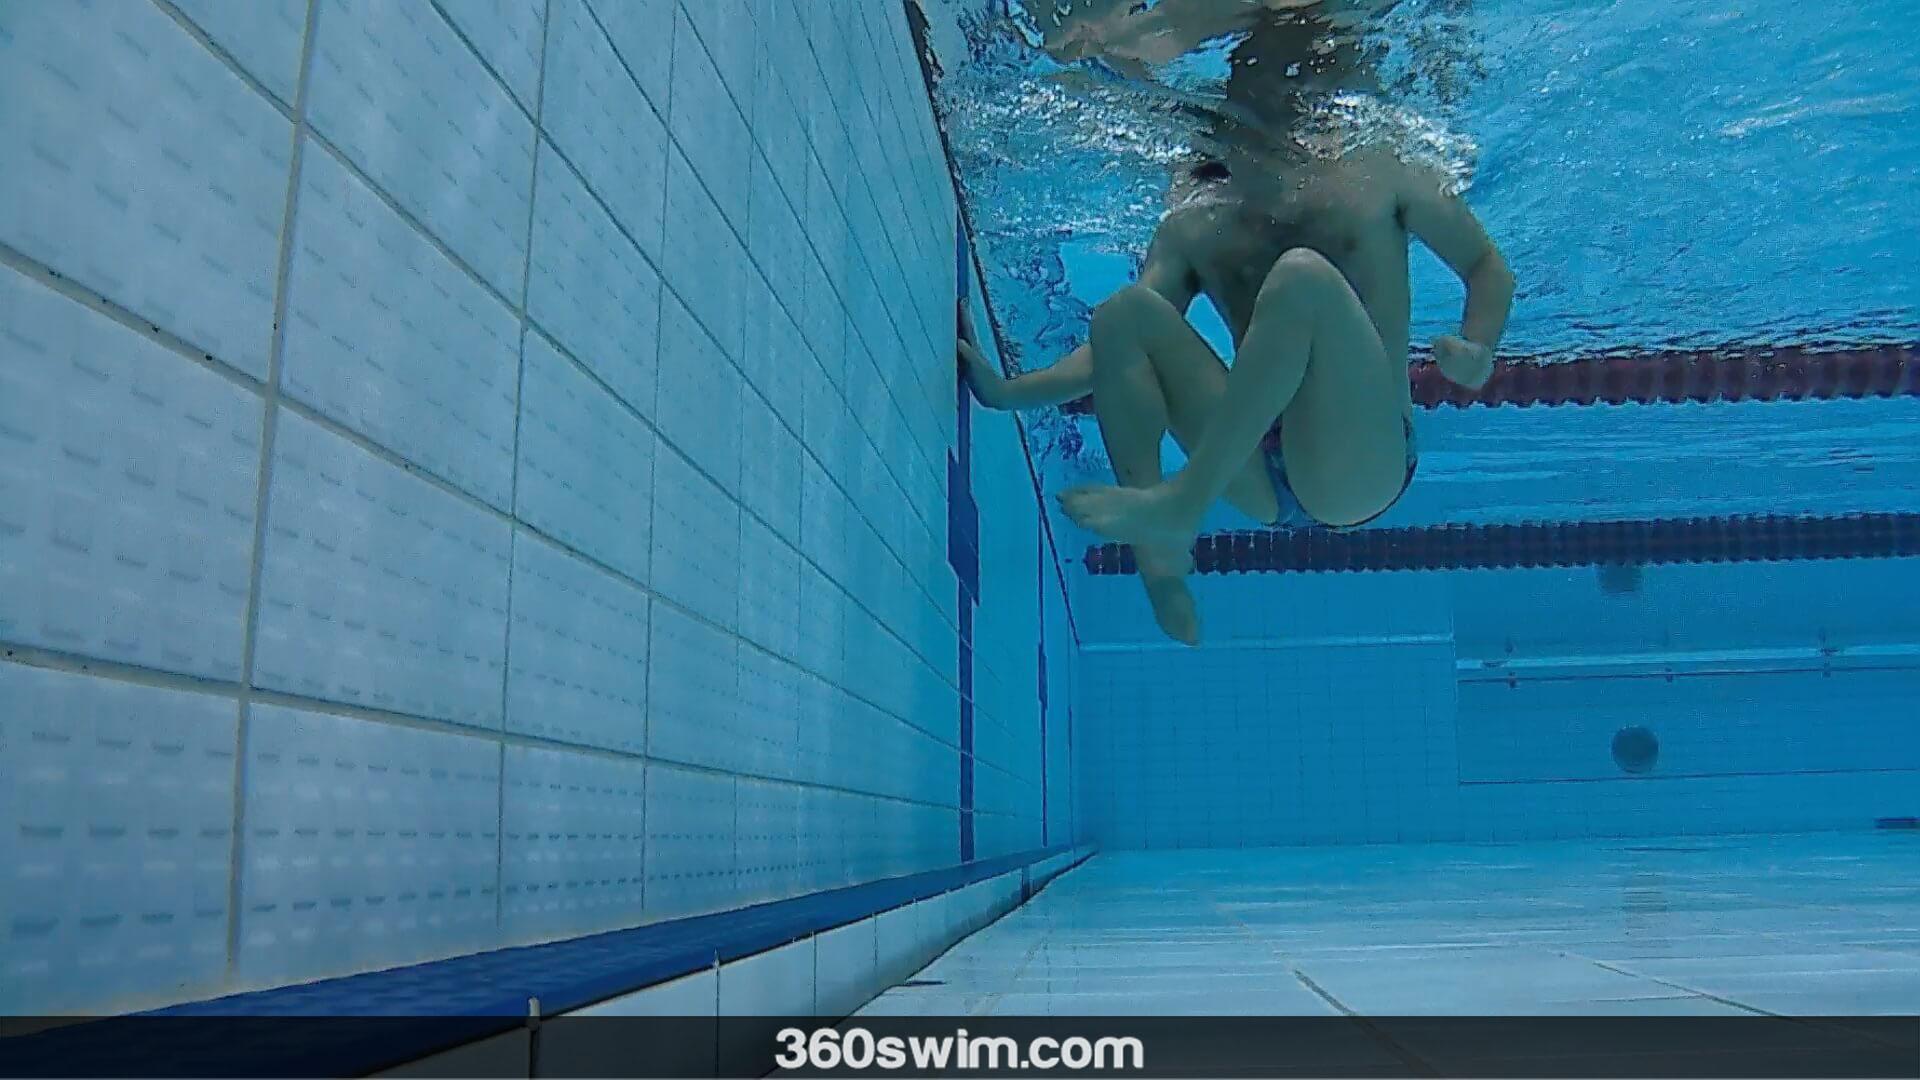 Fast breaststroke turn